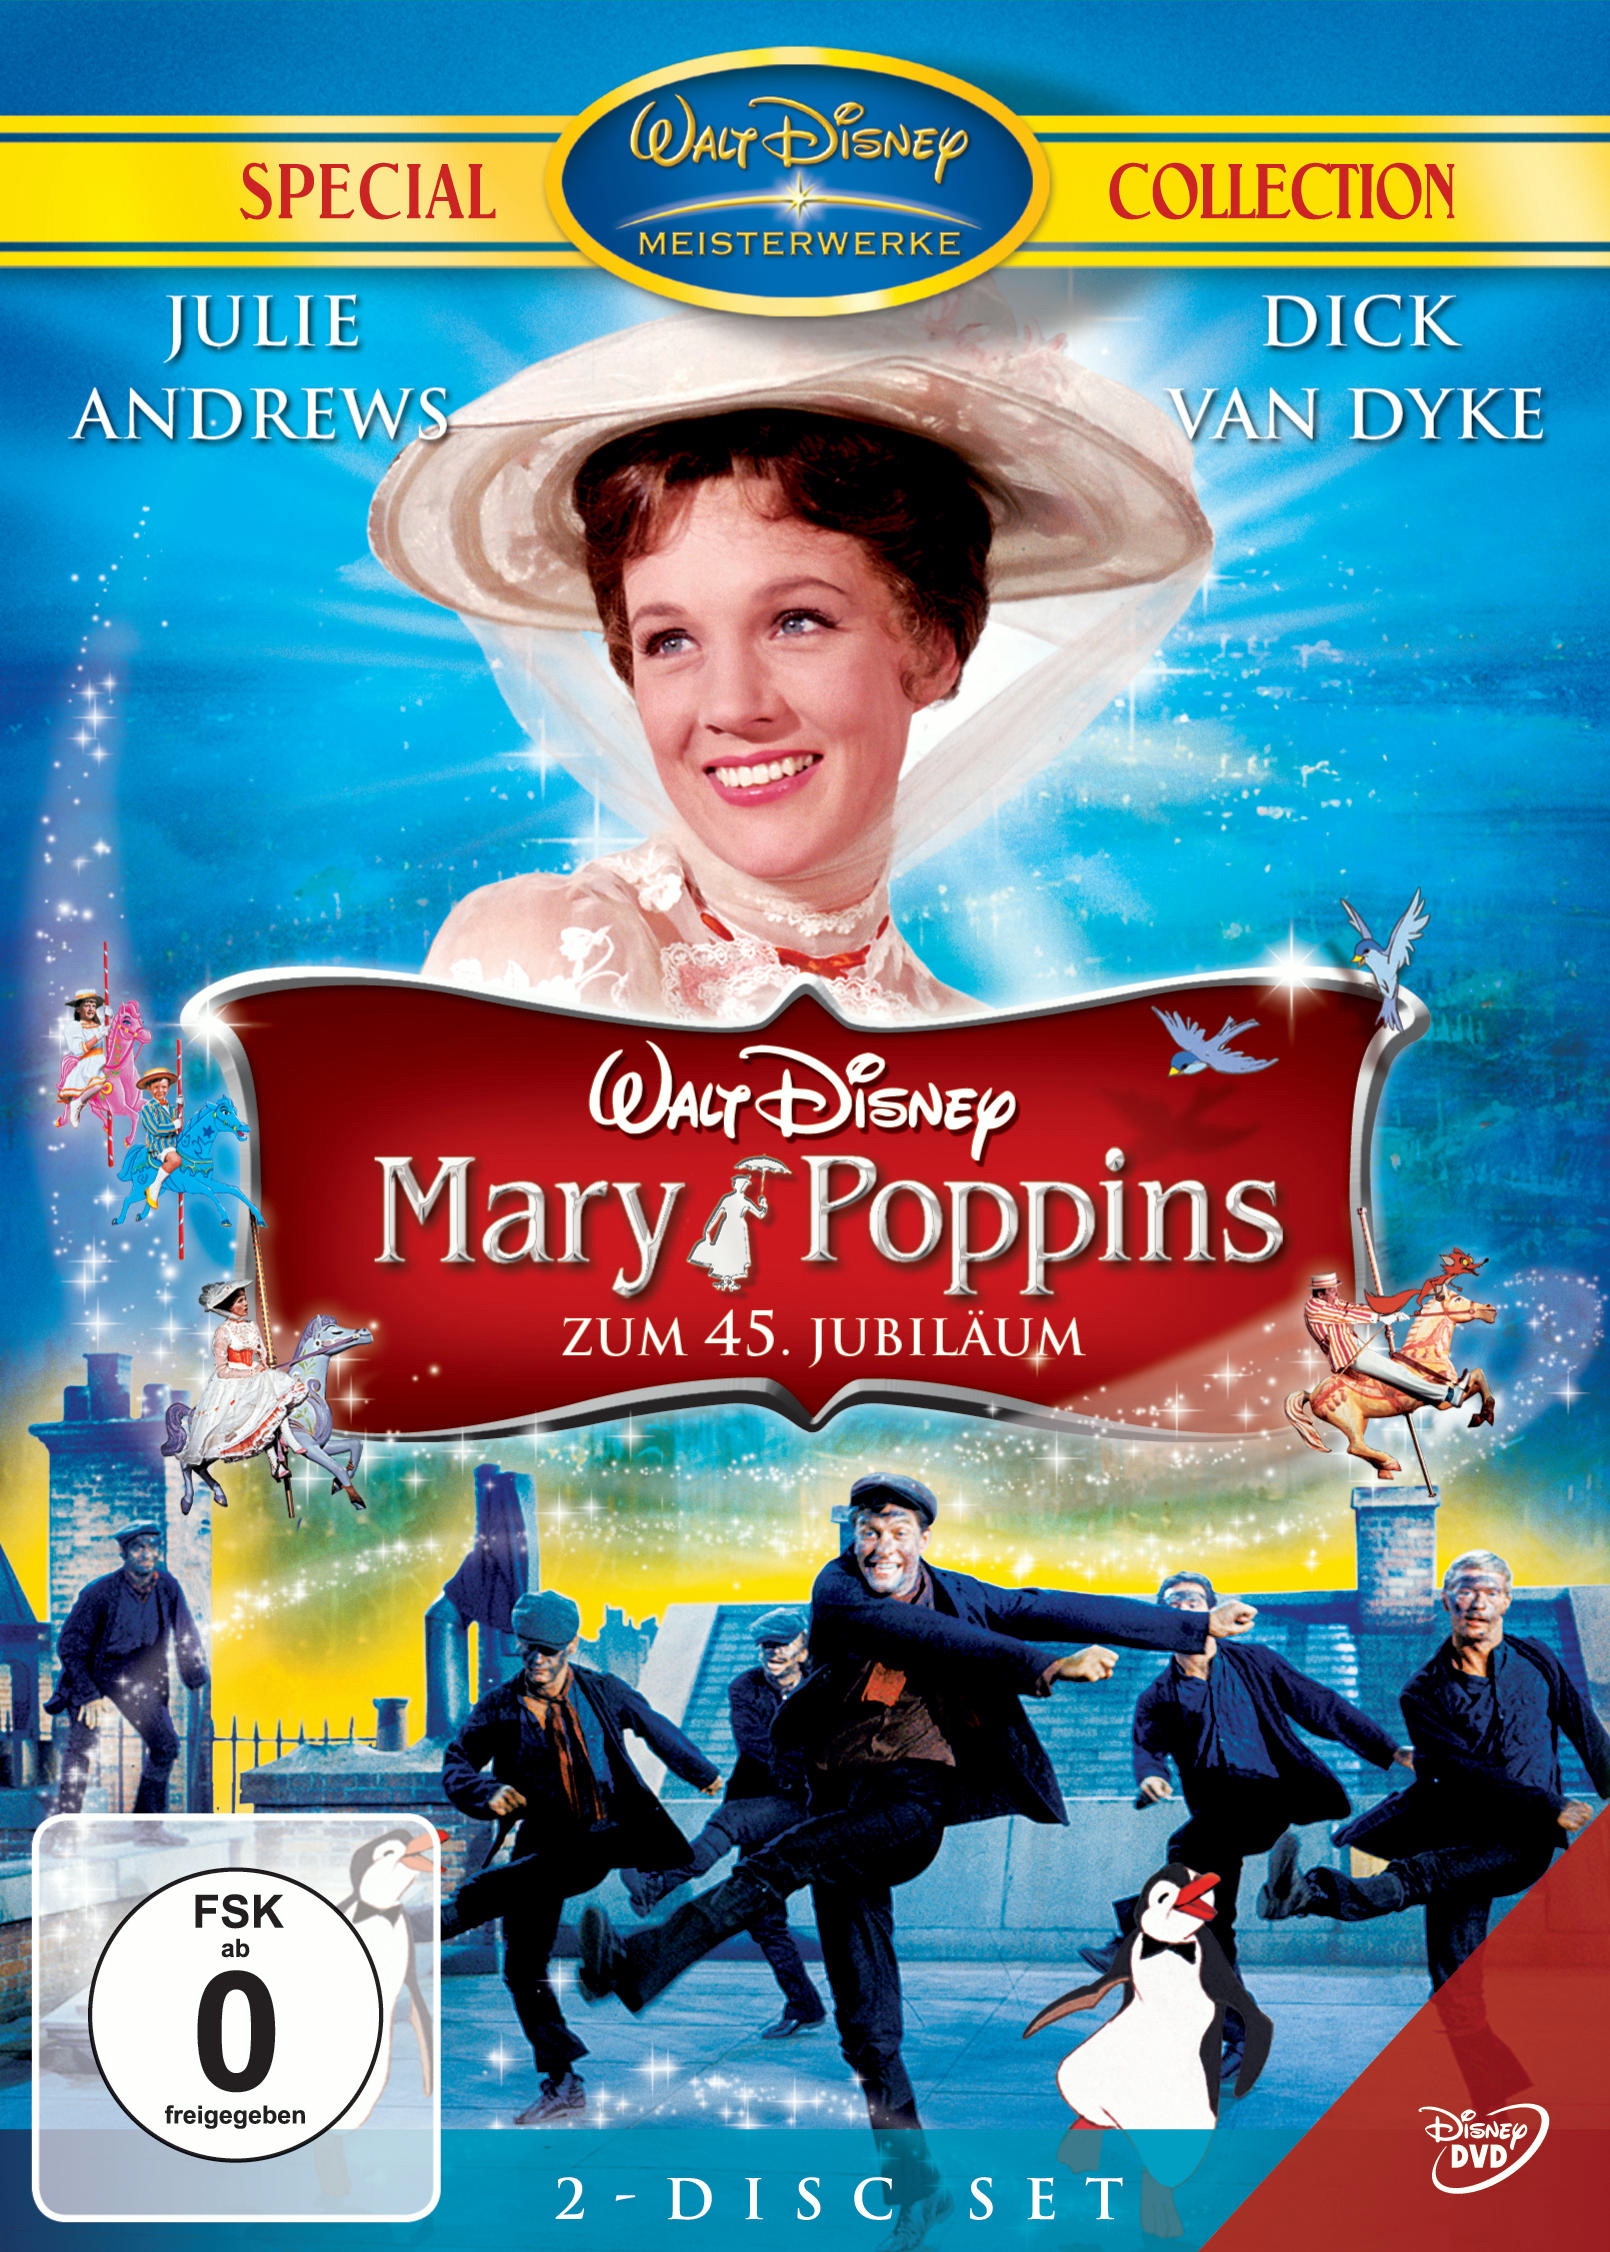 Mary Poppins - Zum 45. Jubiläum (Jubiläumsedition, 2 DVDs) Poster